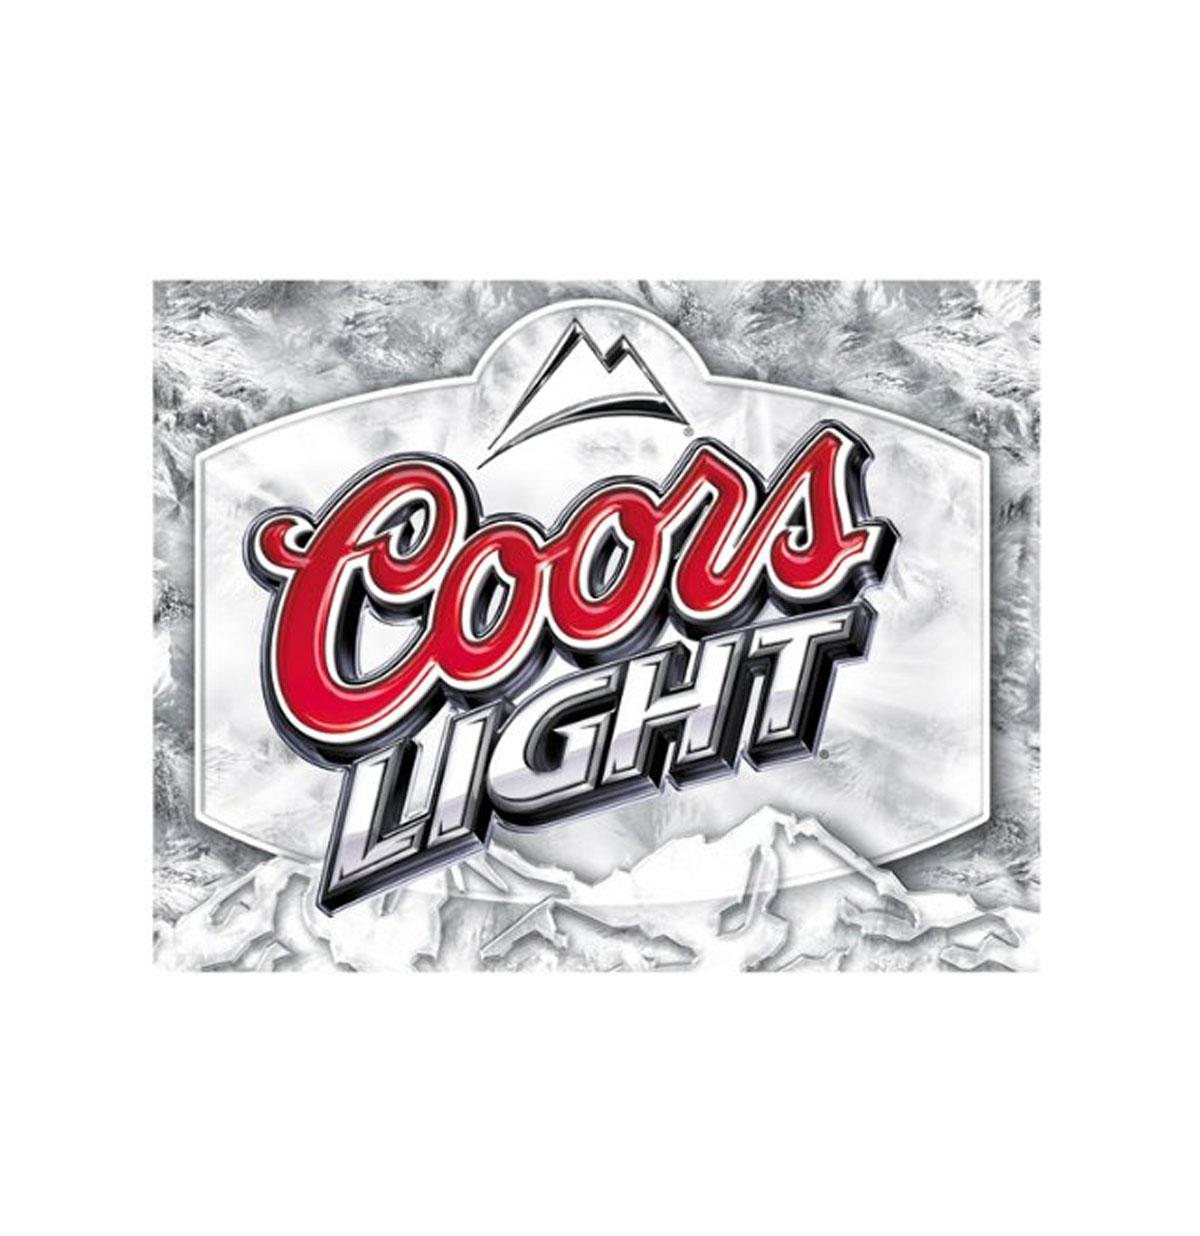 Coors Light Beer Metalen Bord